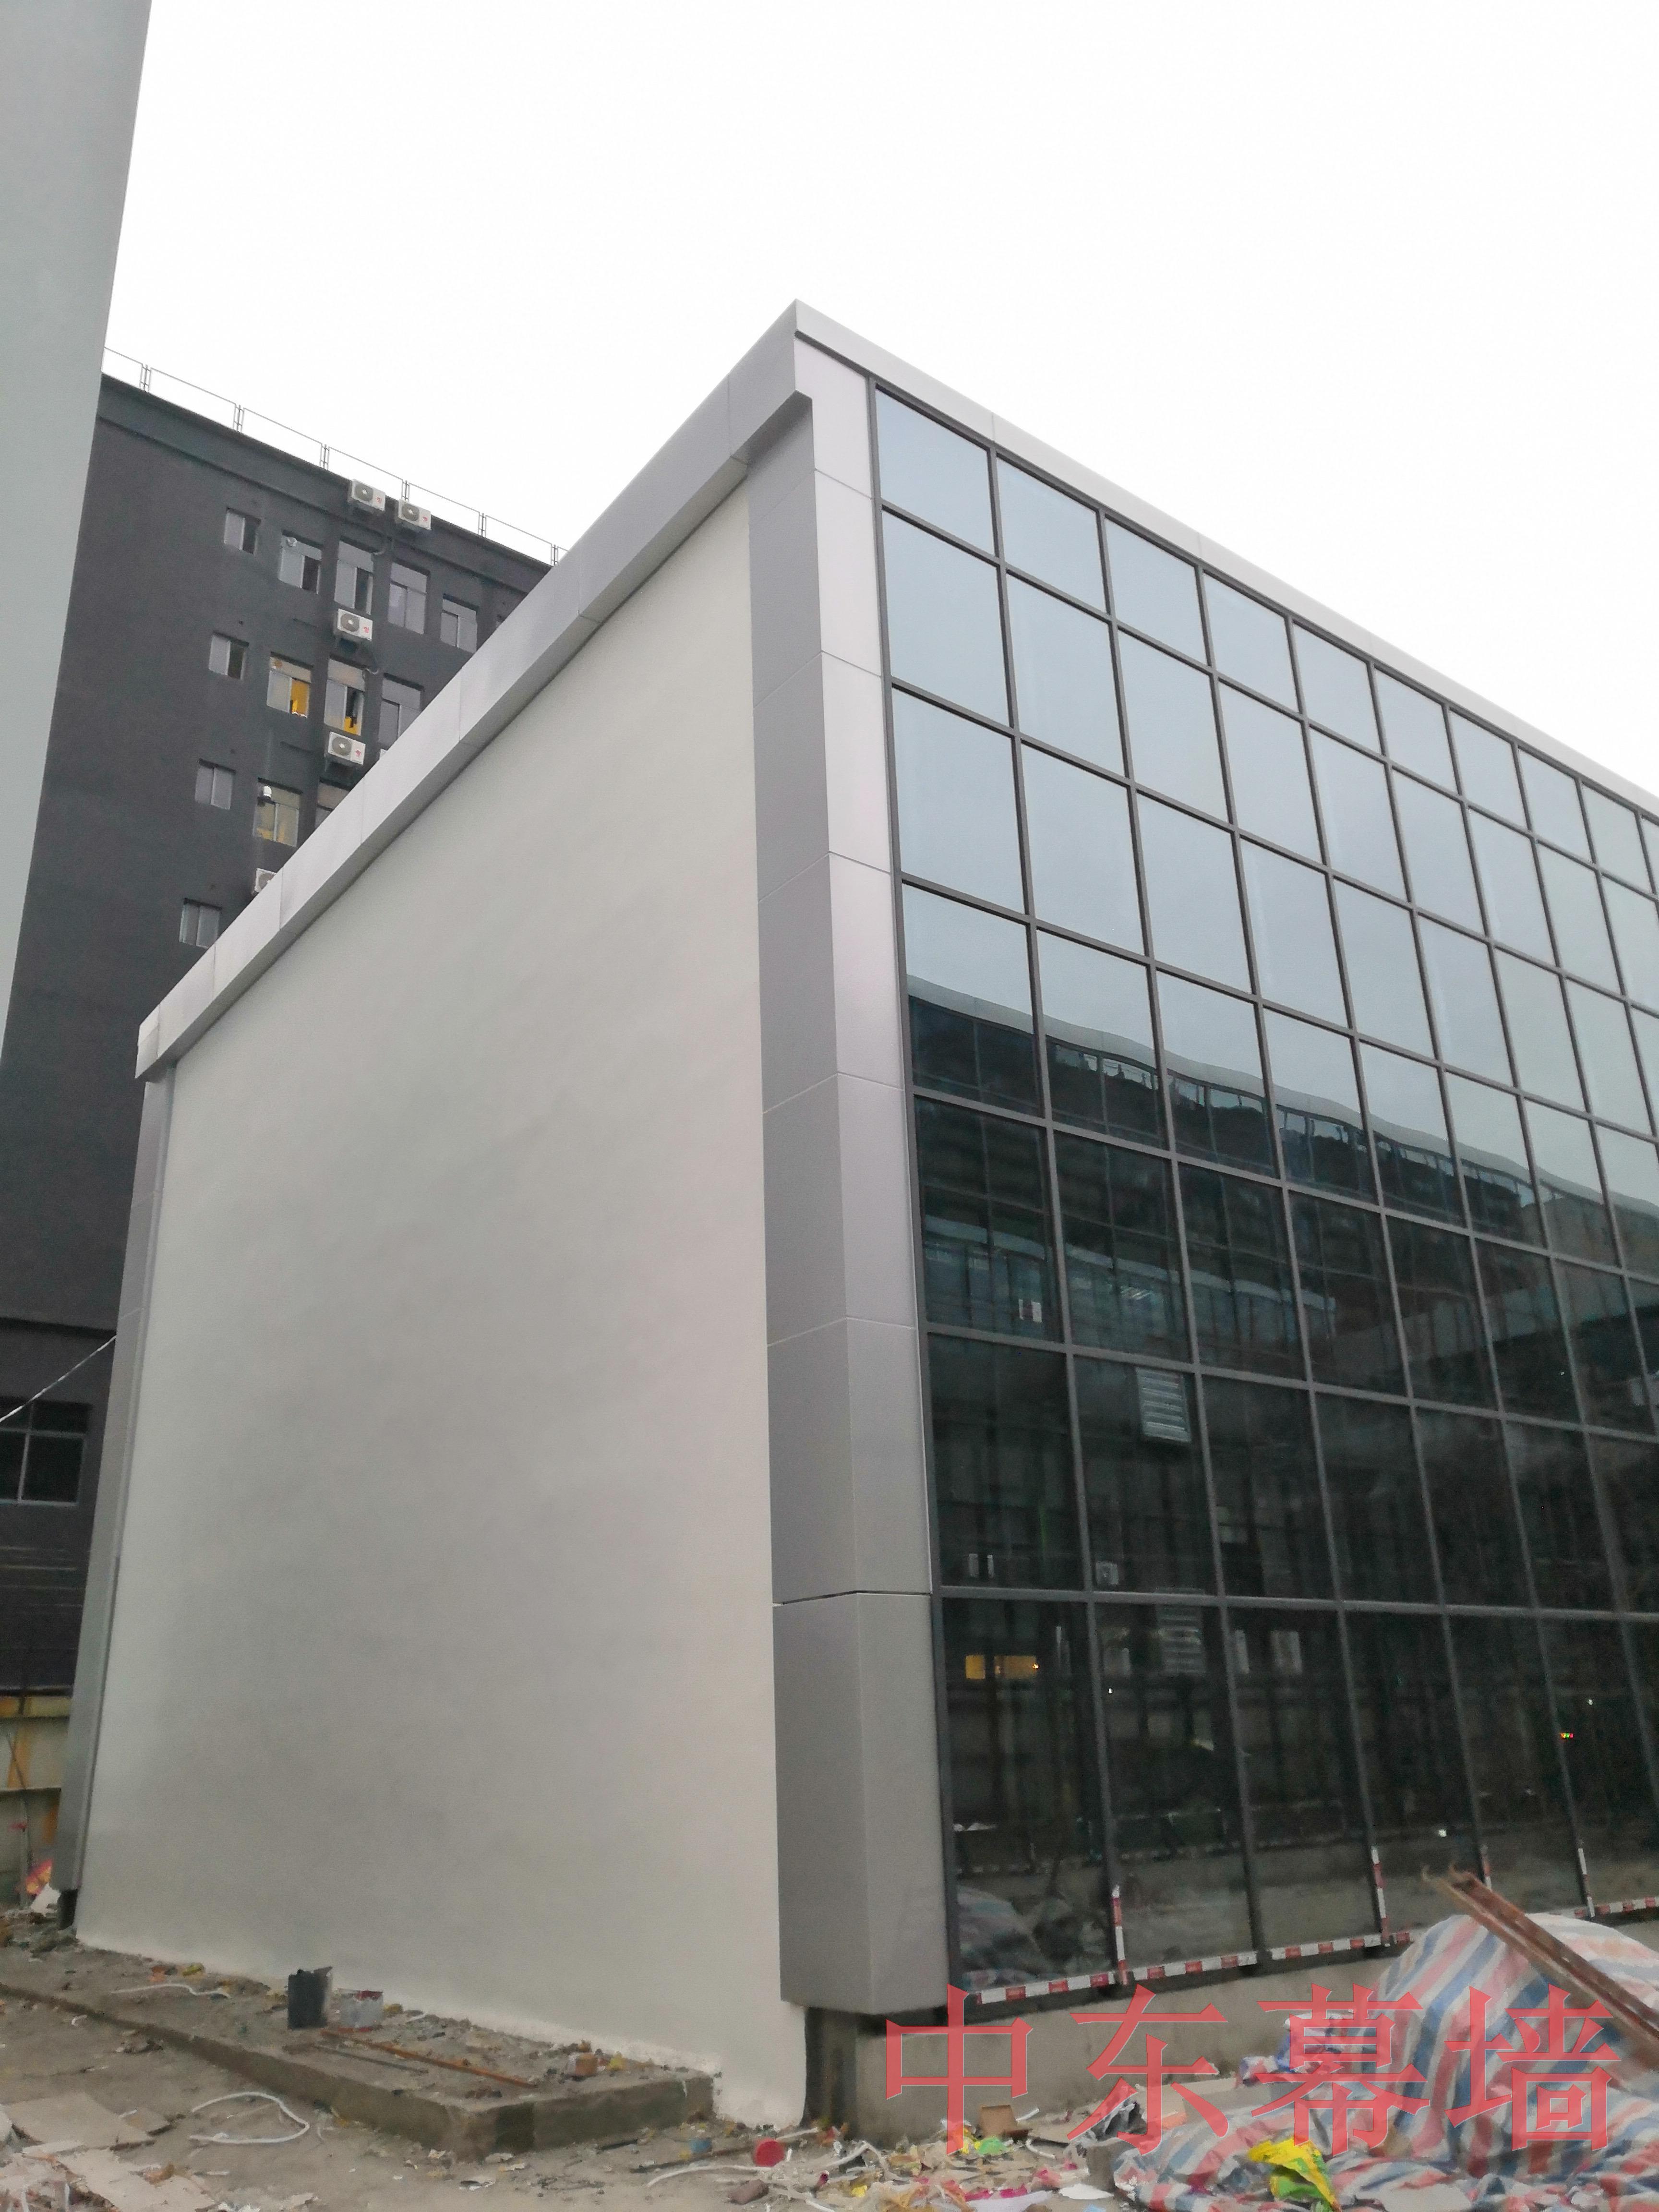 玻璃幕墙外墙改造翻新的技术经验要求高吗?【中东幕墙】